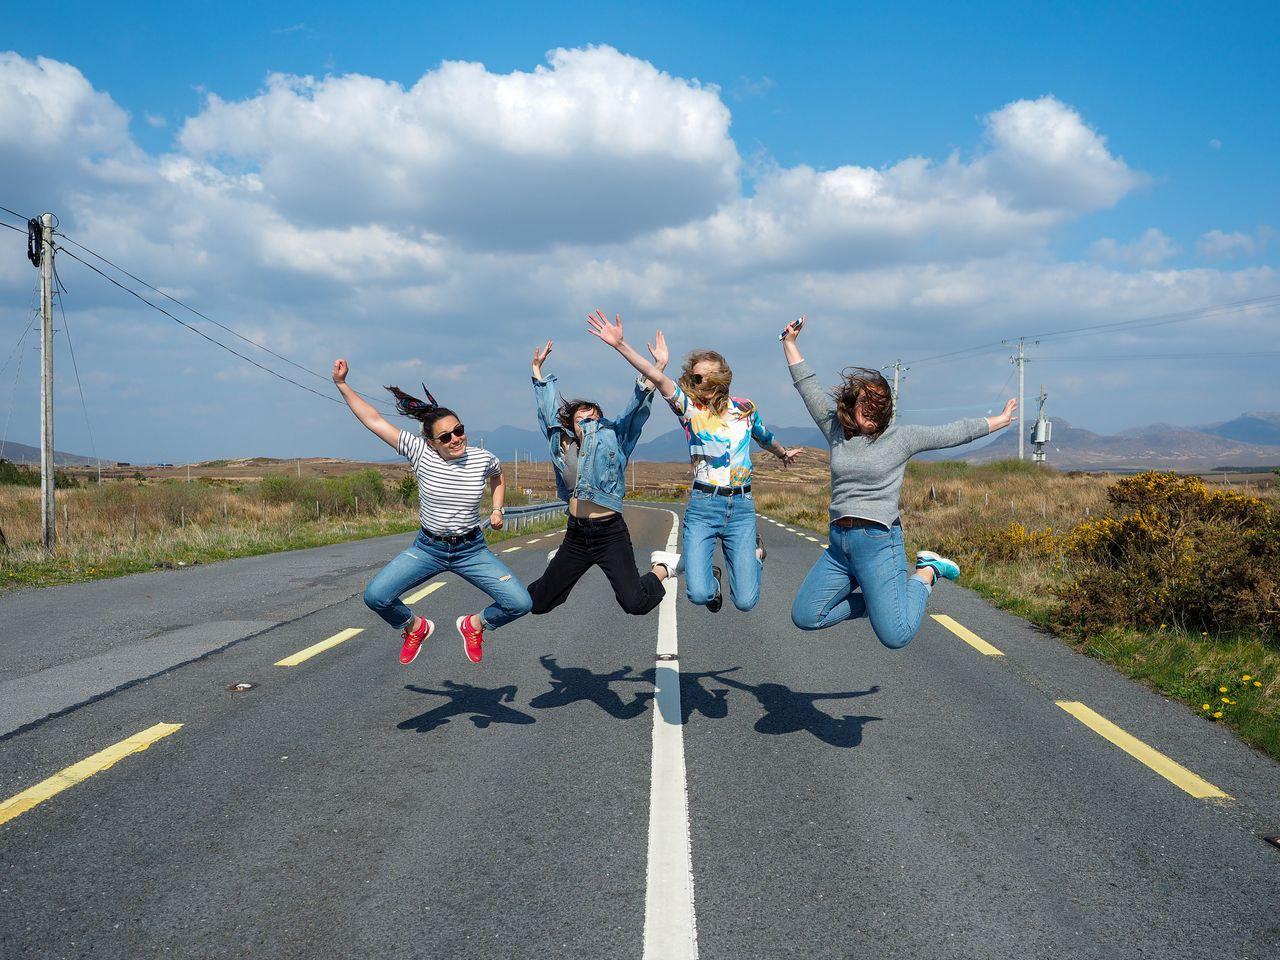 Auslandssemester trotz(t) Corona: Miriam Berchtel und ihre Freundinnen studieren zur Zeit in Irland